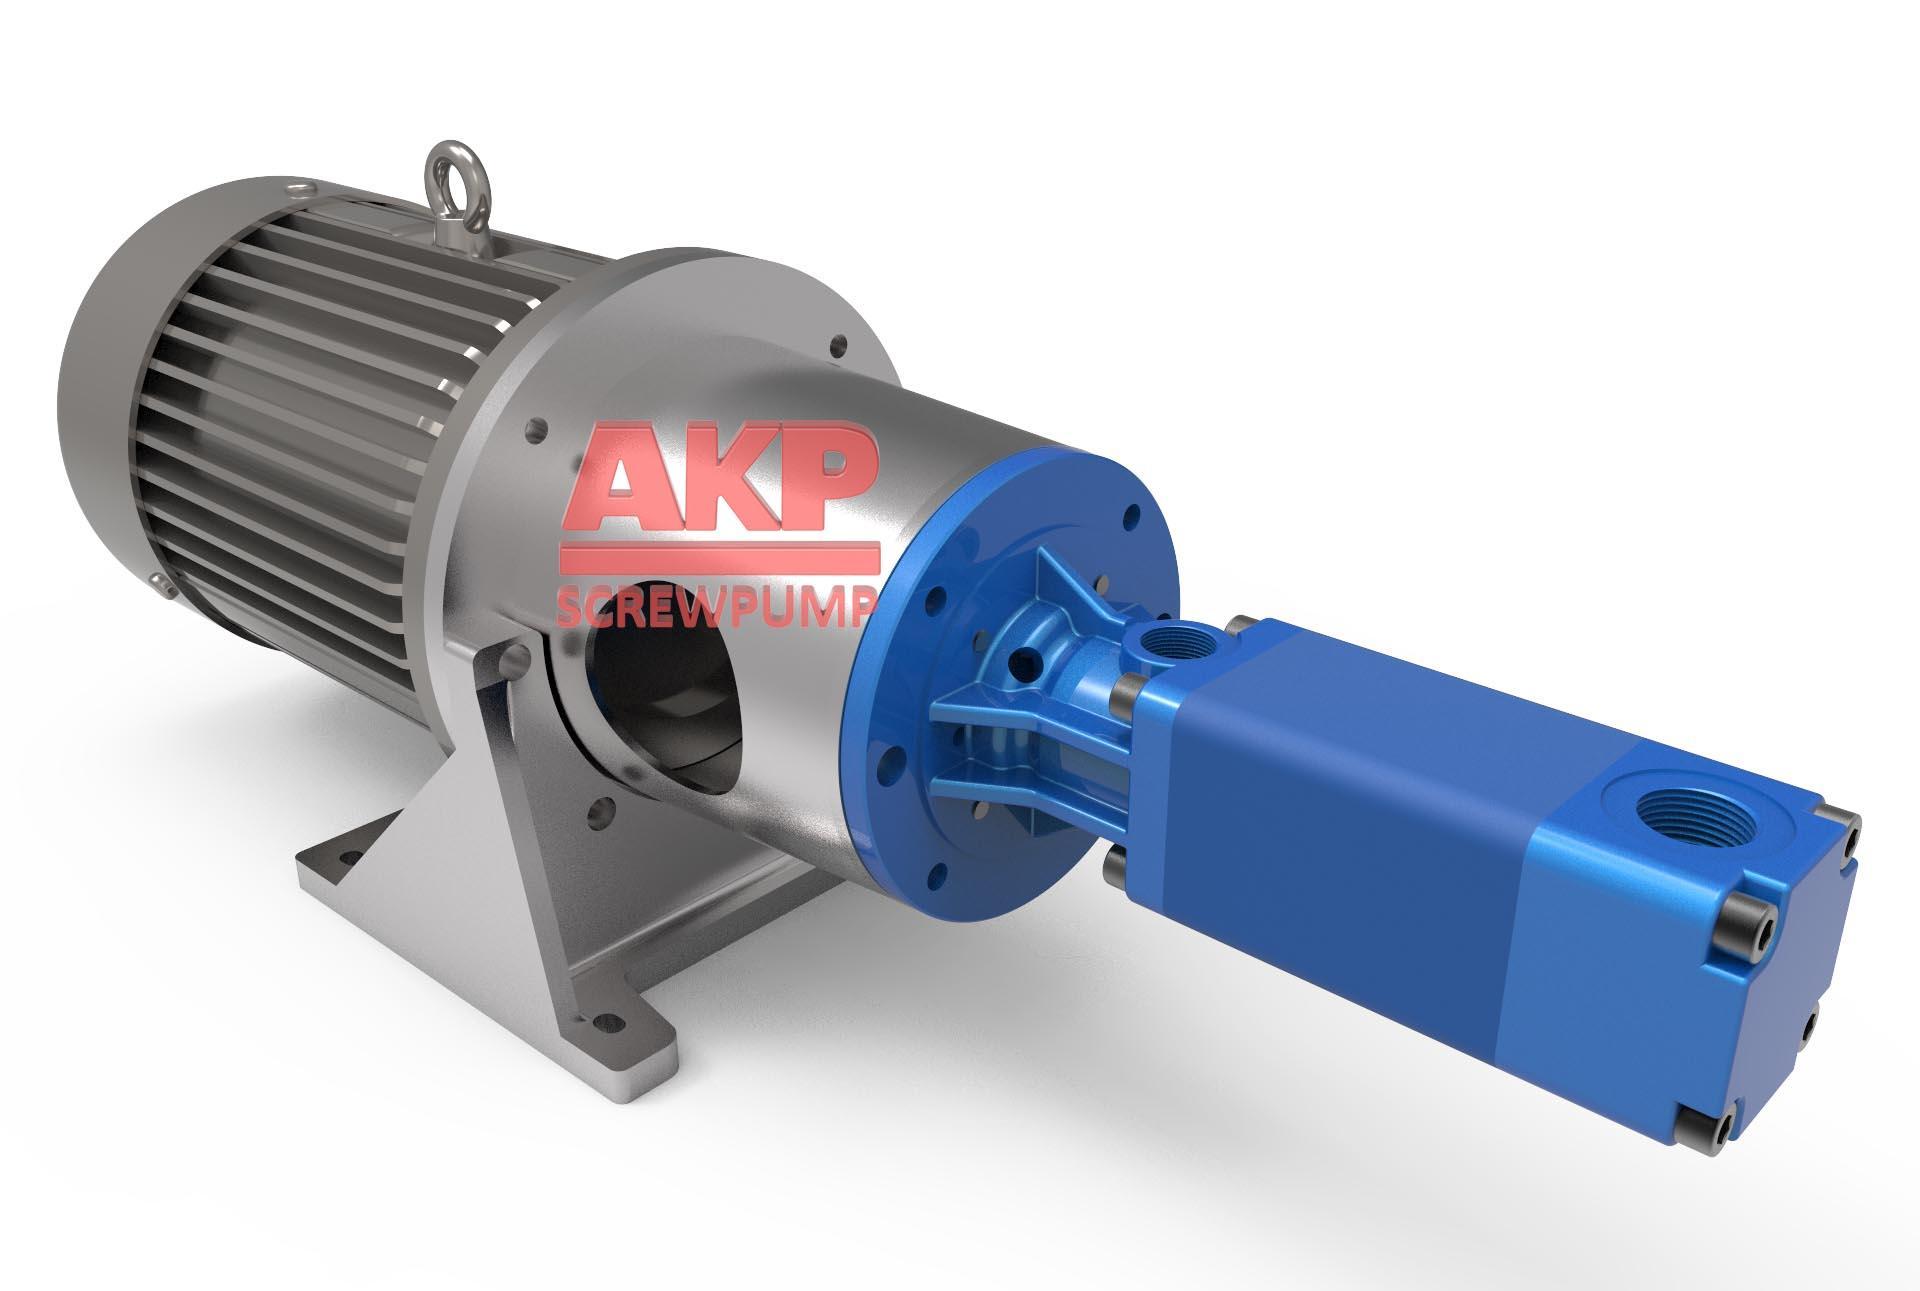 ATS32-64-T-G深孔加工刀具冷却专用高压机床冷却泵 1